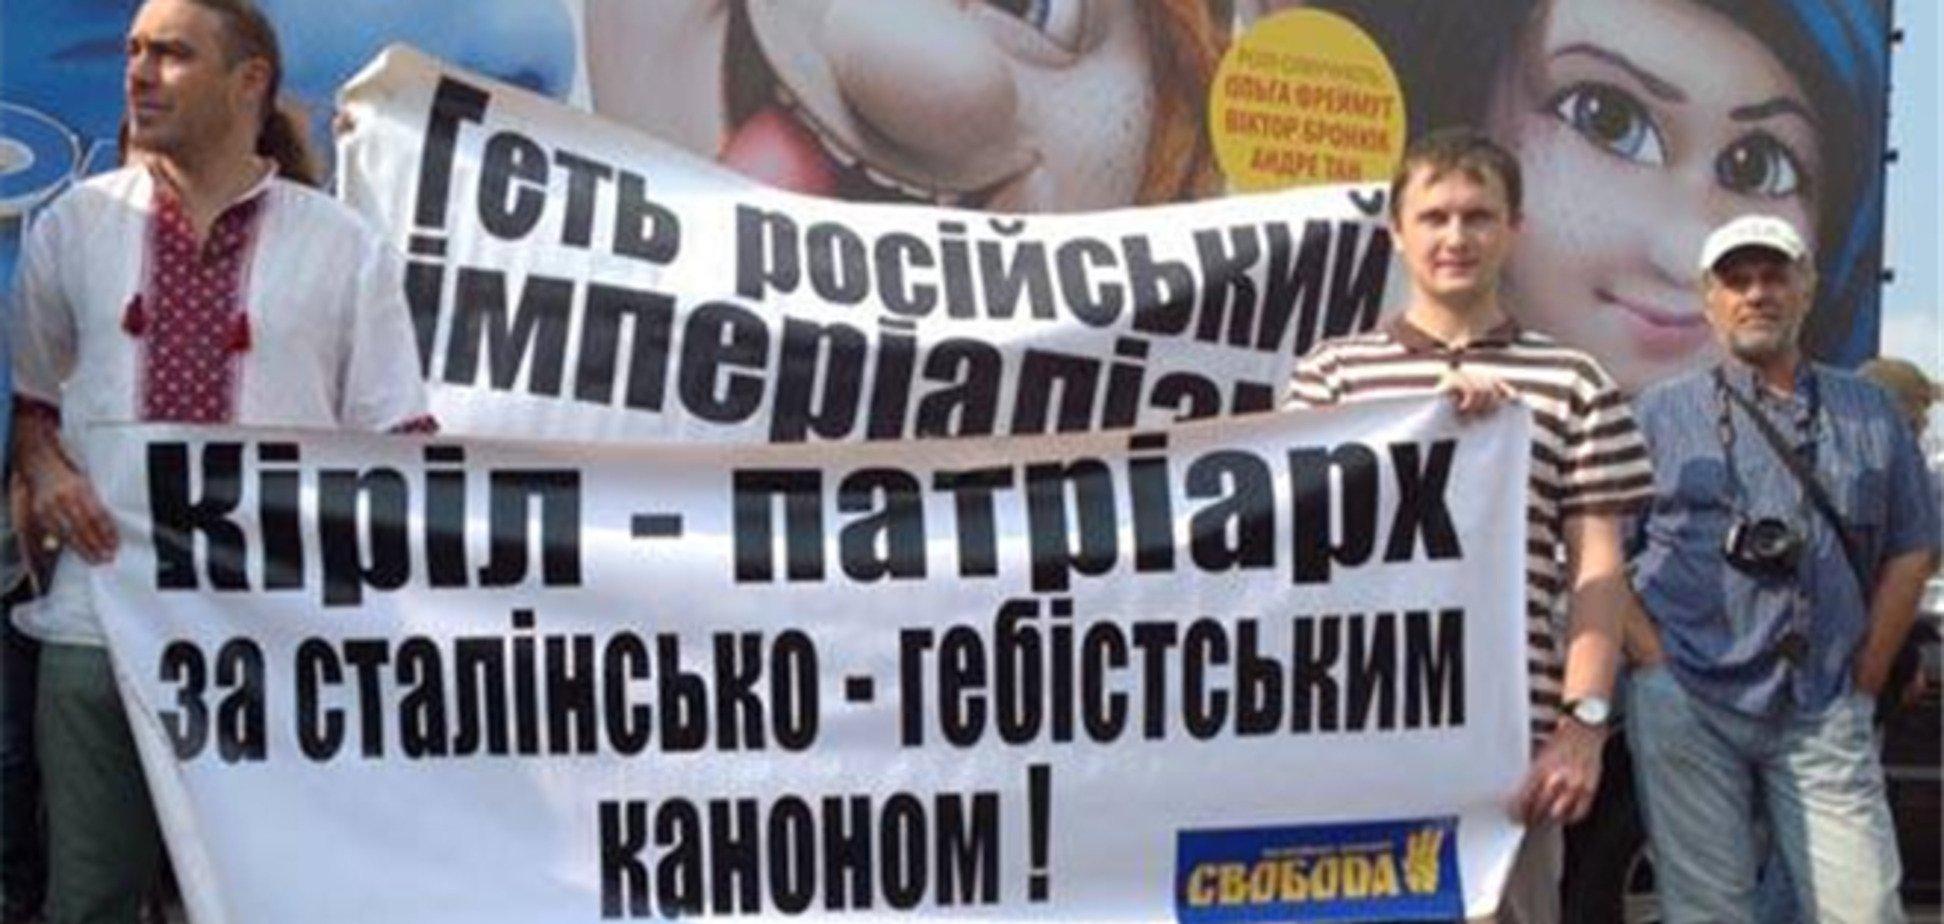 В центре Киева свободовцы собрались на акцию протеста против Путина